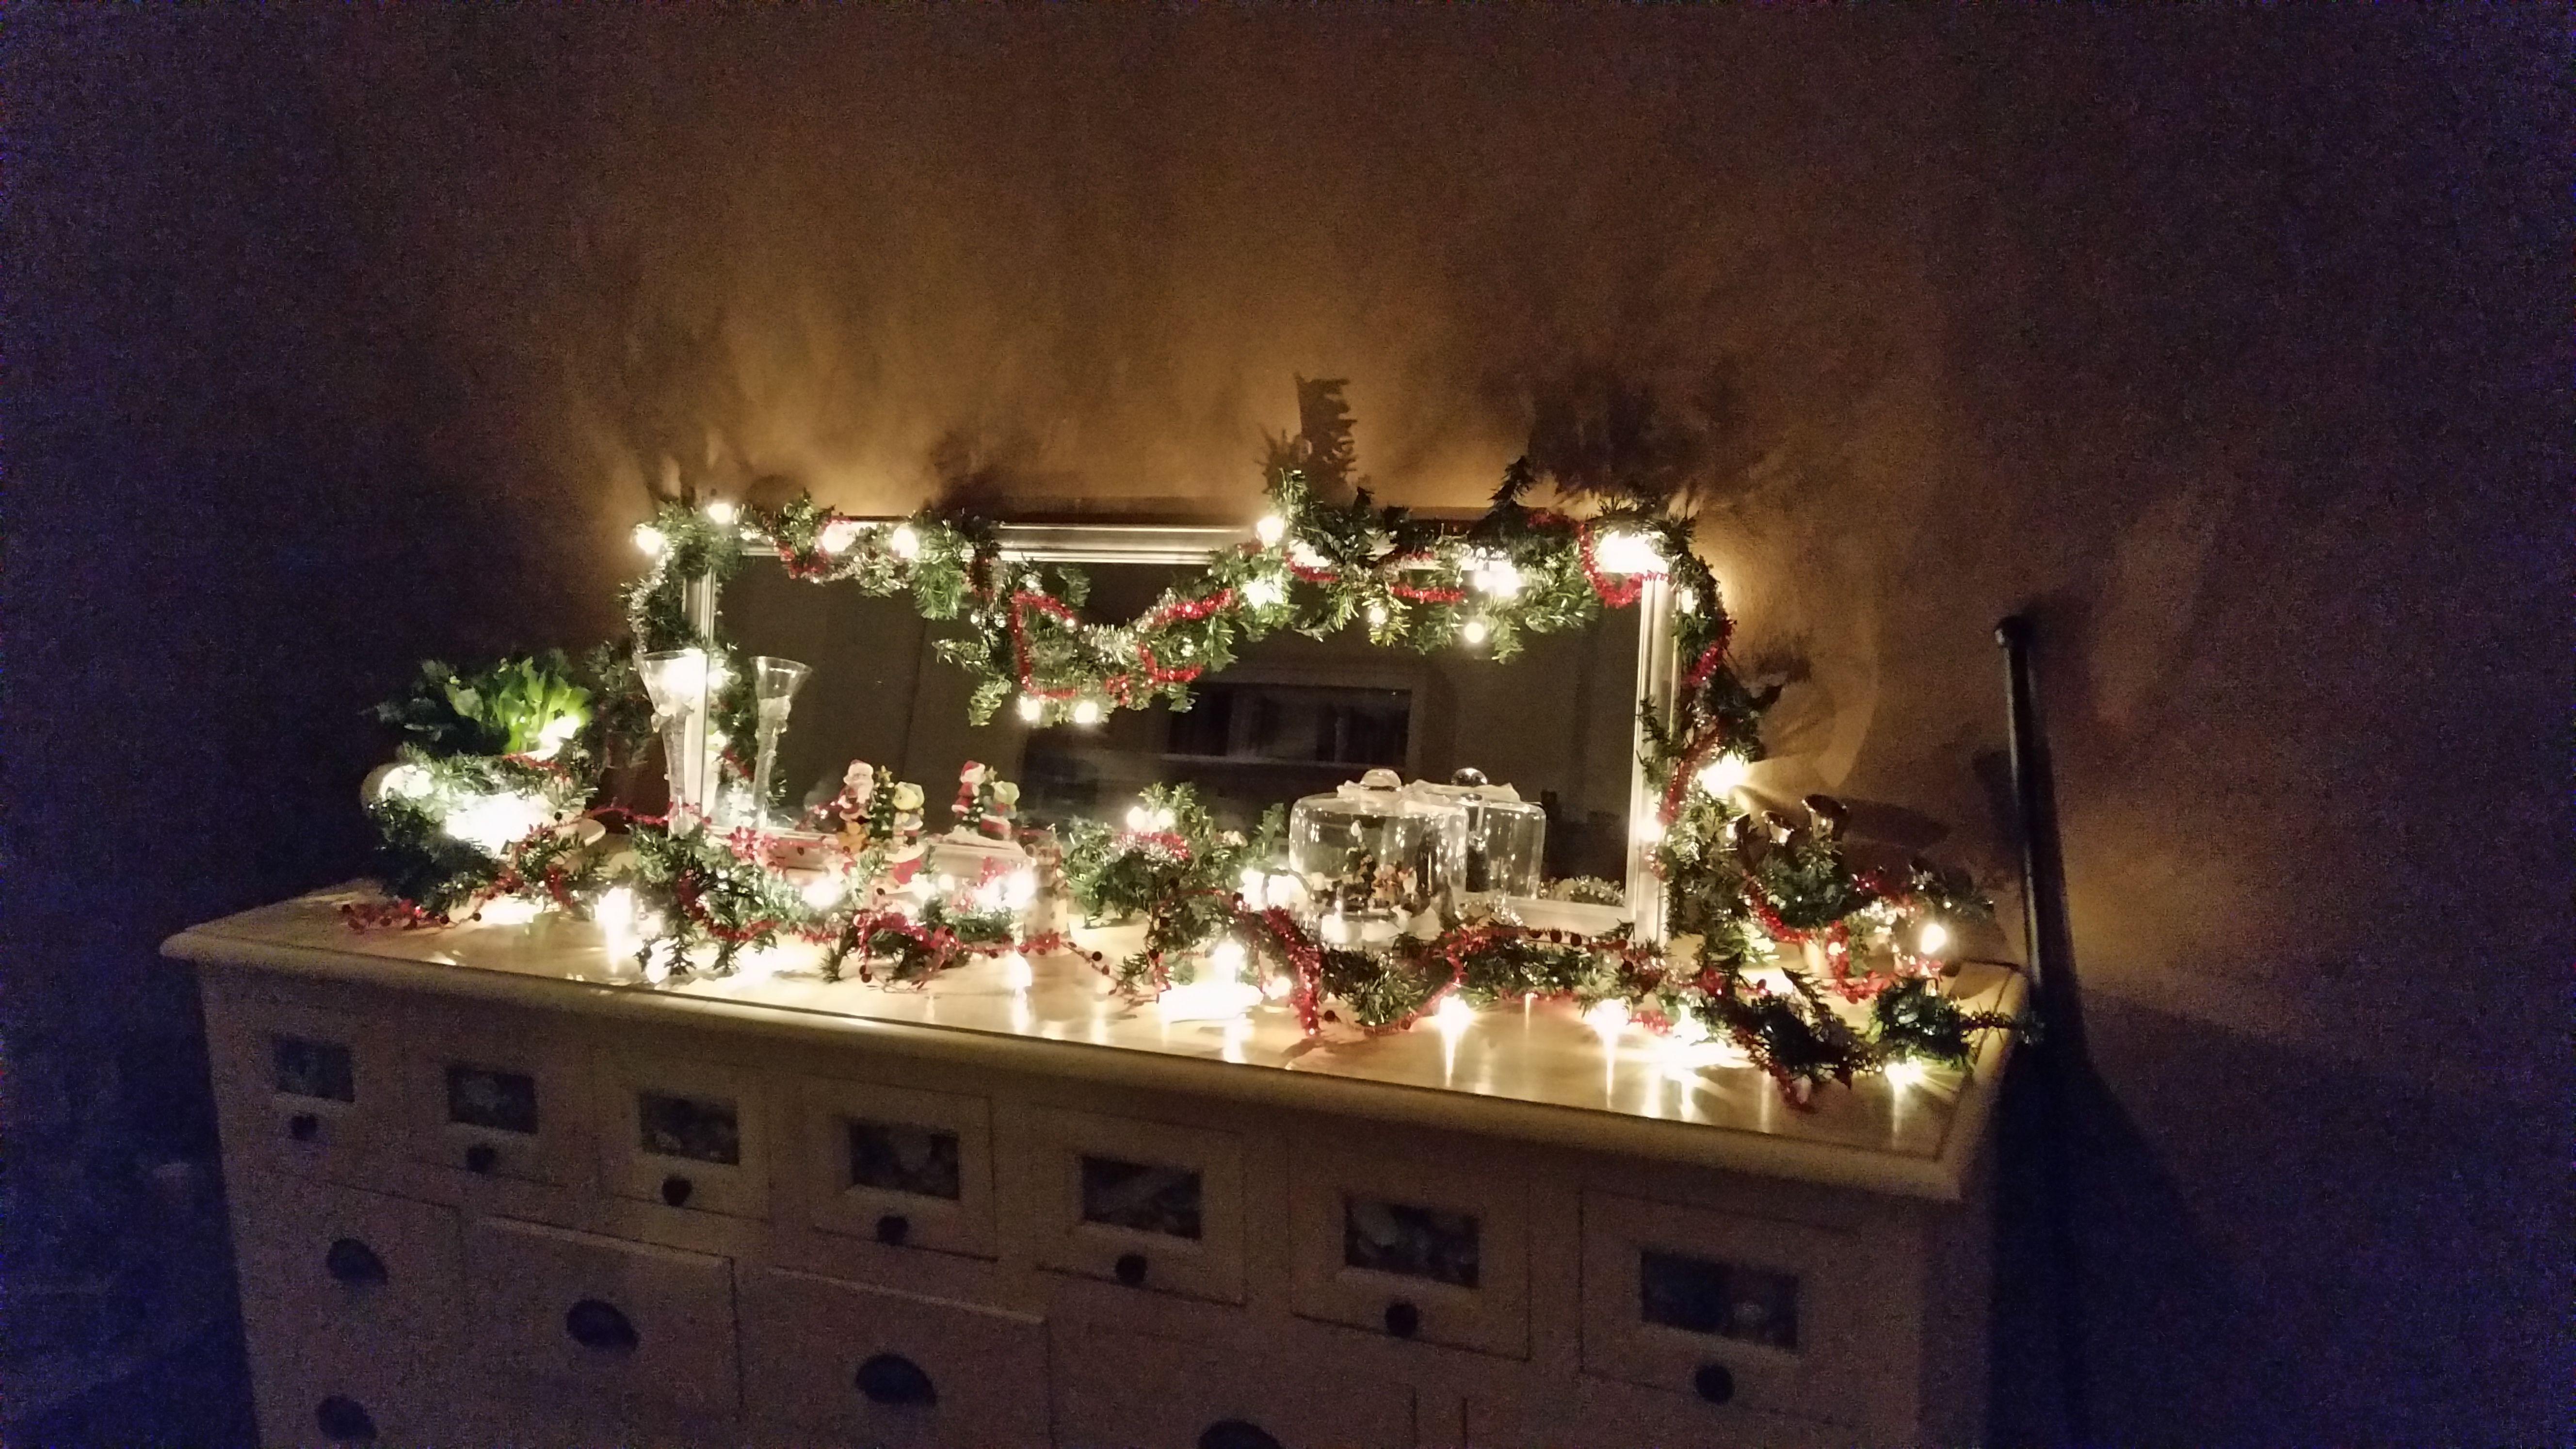 Kerst Slinger En Versiering Op Het Dressoir Kerst Slingers Kerst Dressoir